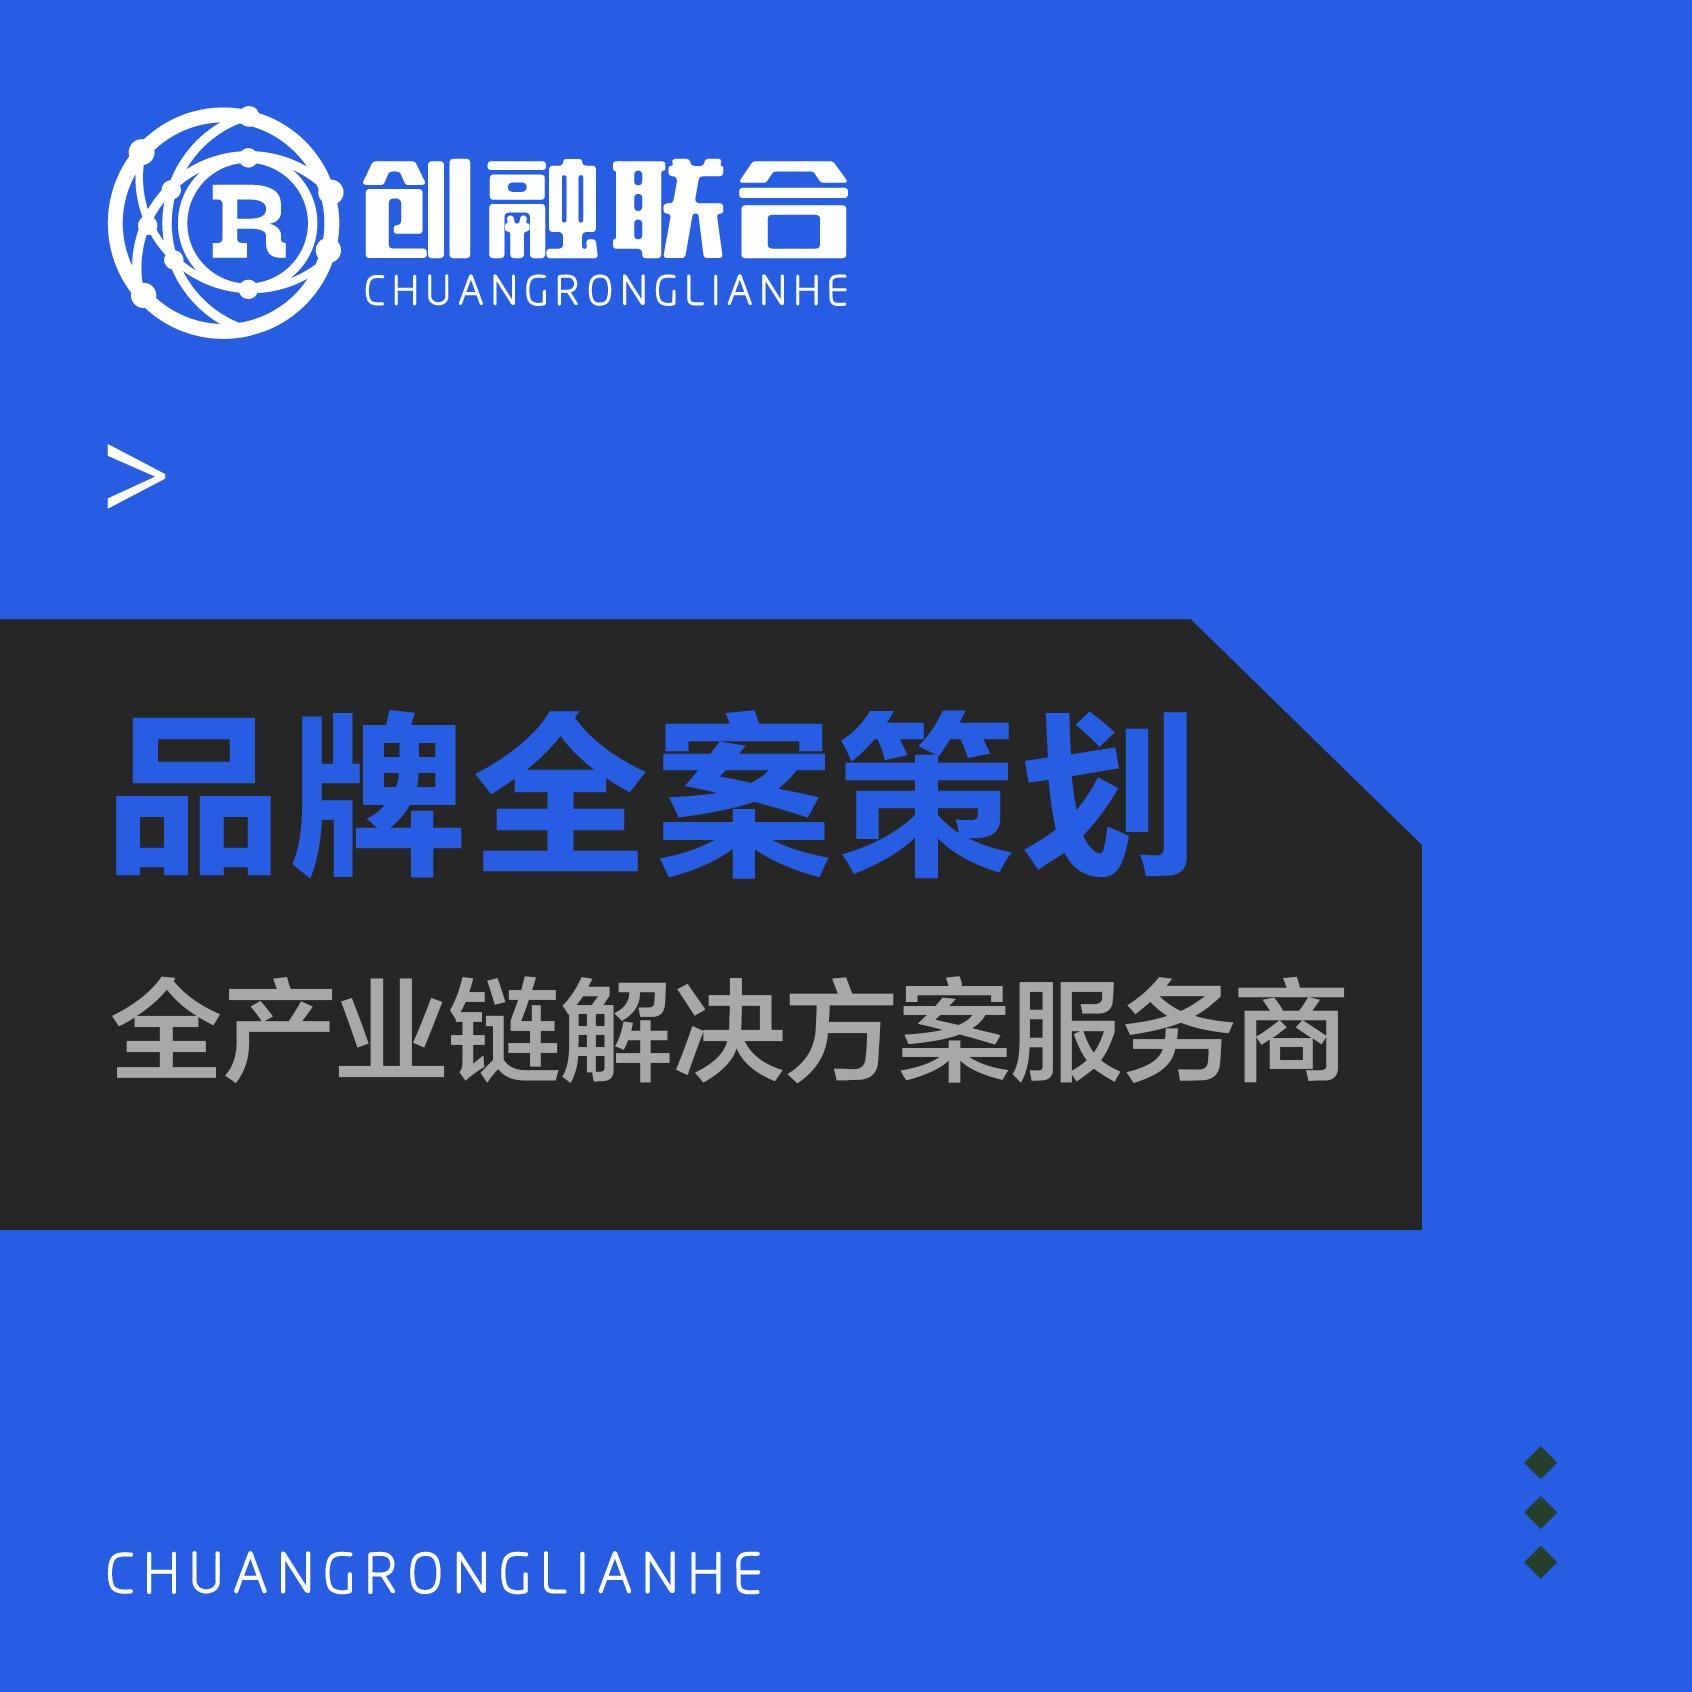 产品策划品牌策划品牌全案品牌升级logo设计logo文案策划